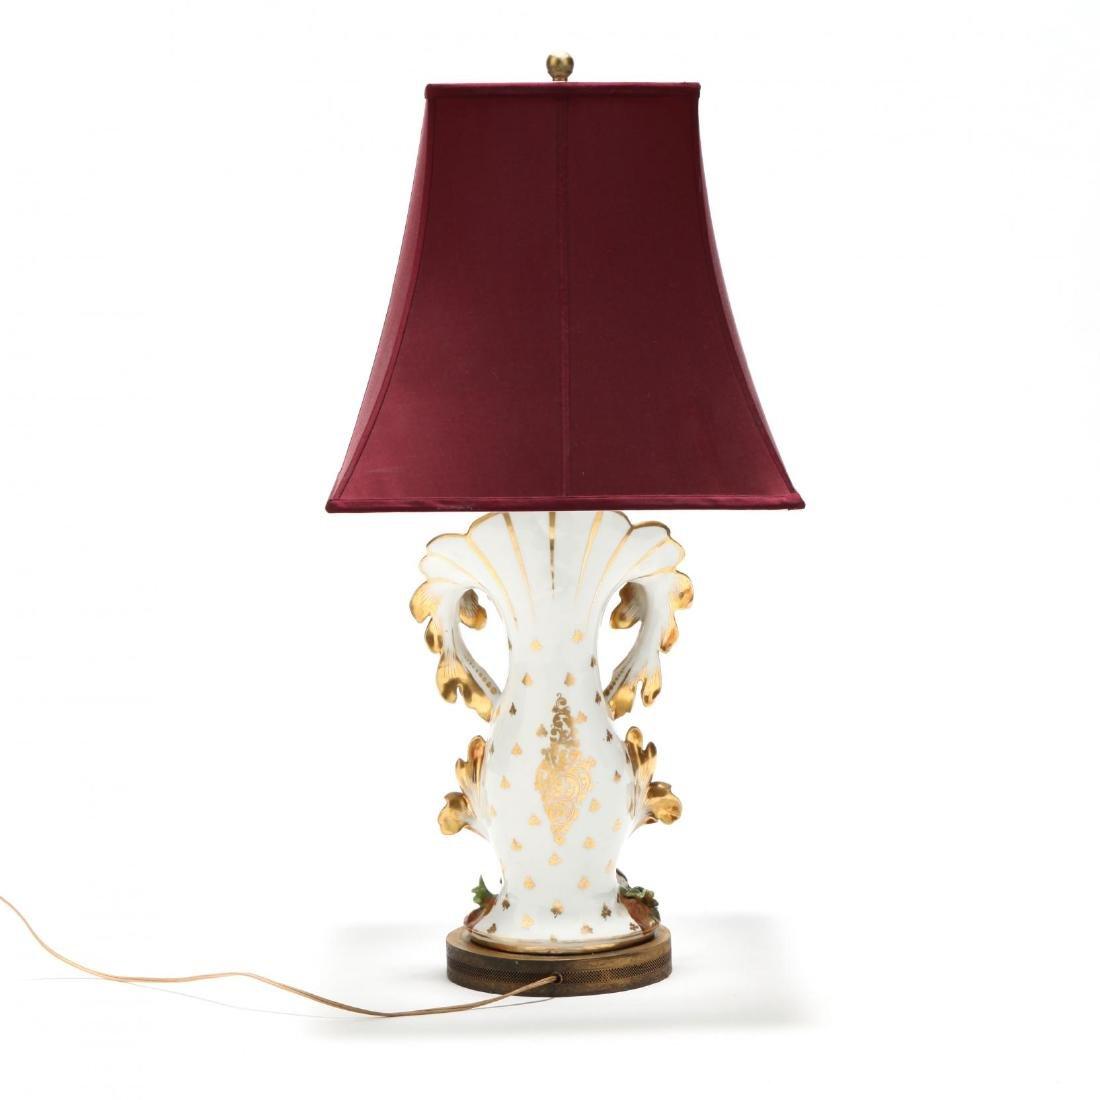 Antique Paris Porcelain Table Lamp - 3